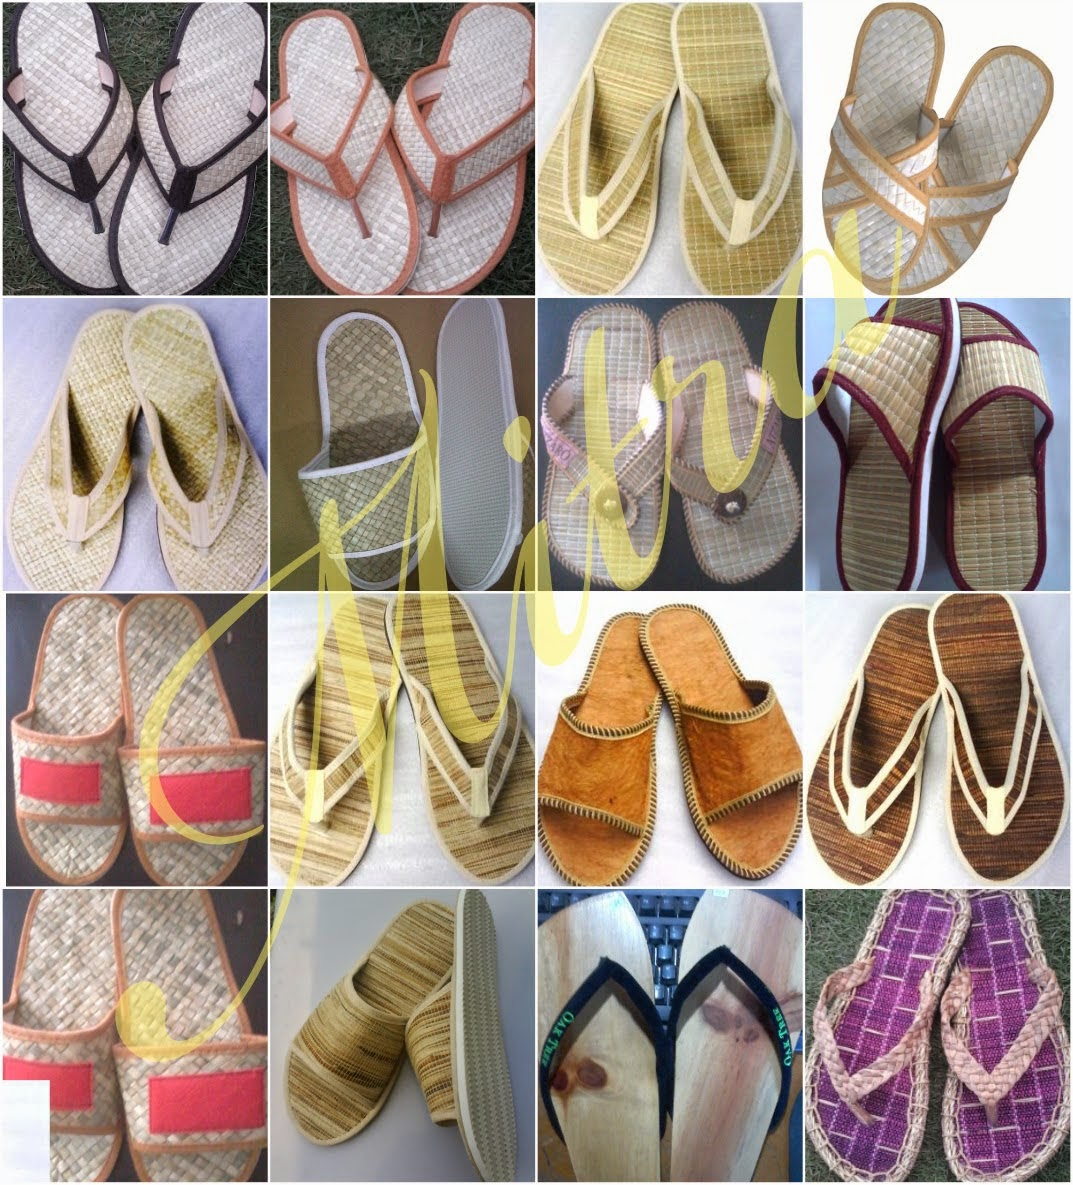 produsen sandal hotel natural